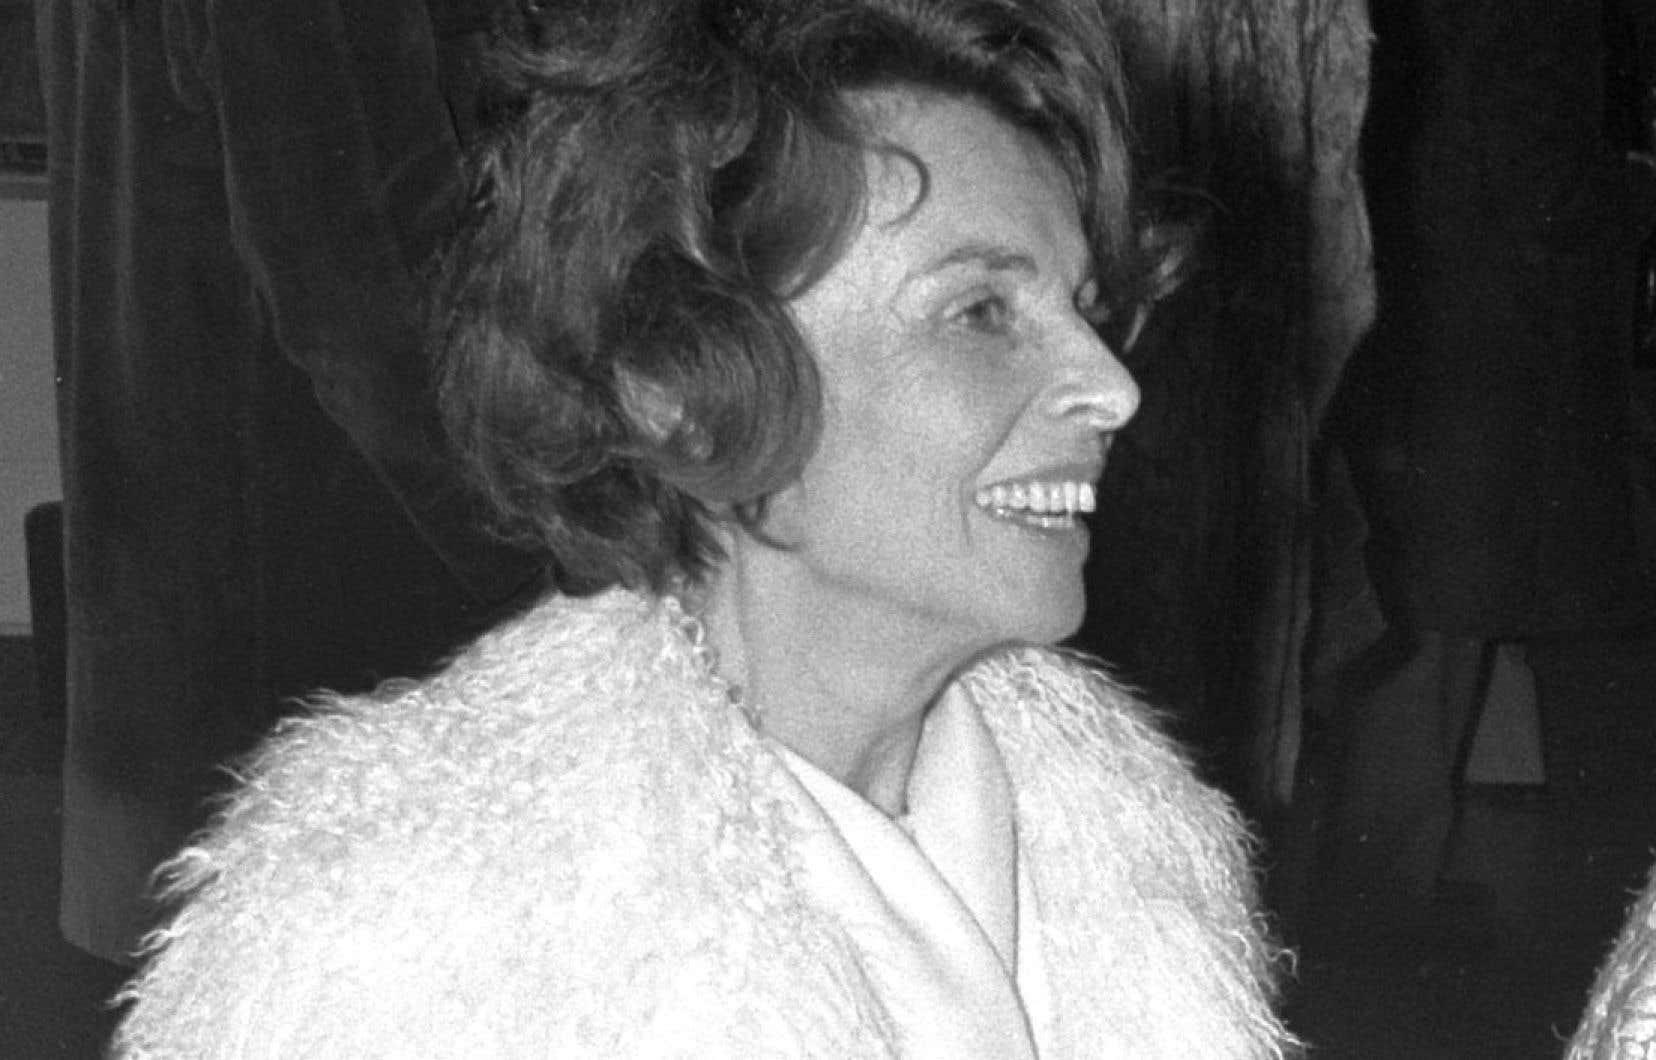 La productrice Mag Bodard en 1972